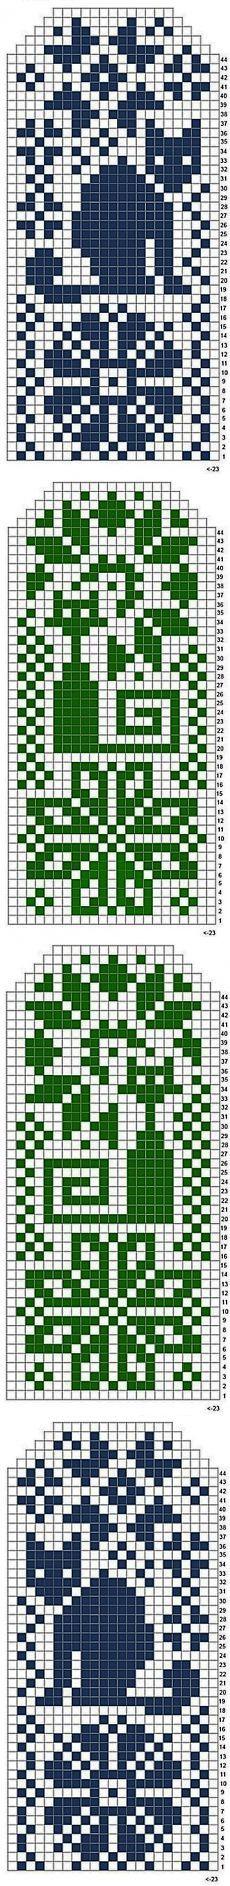 Схема узора для варежек